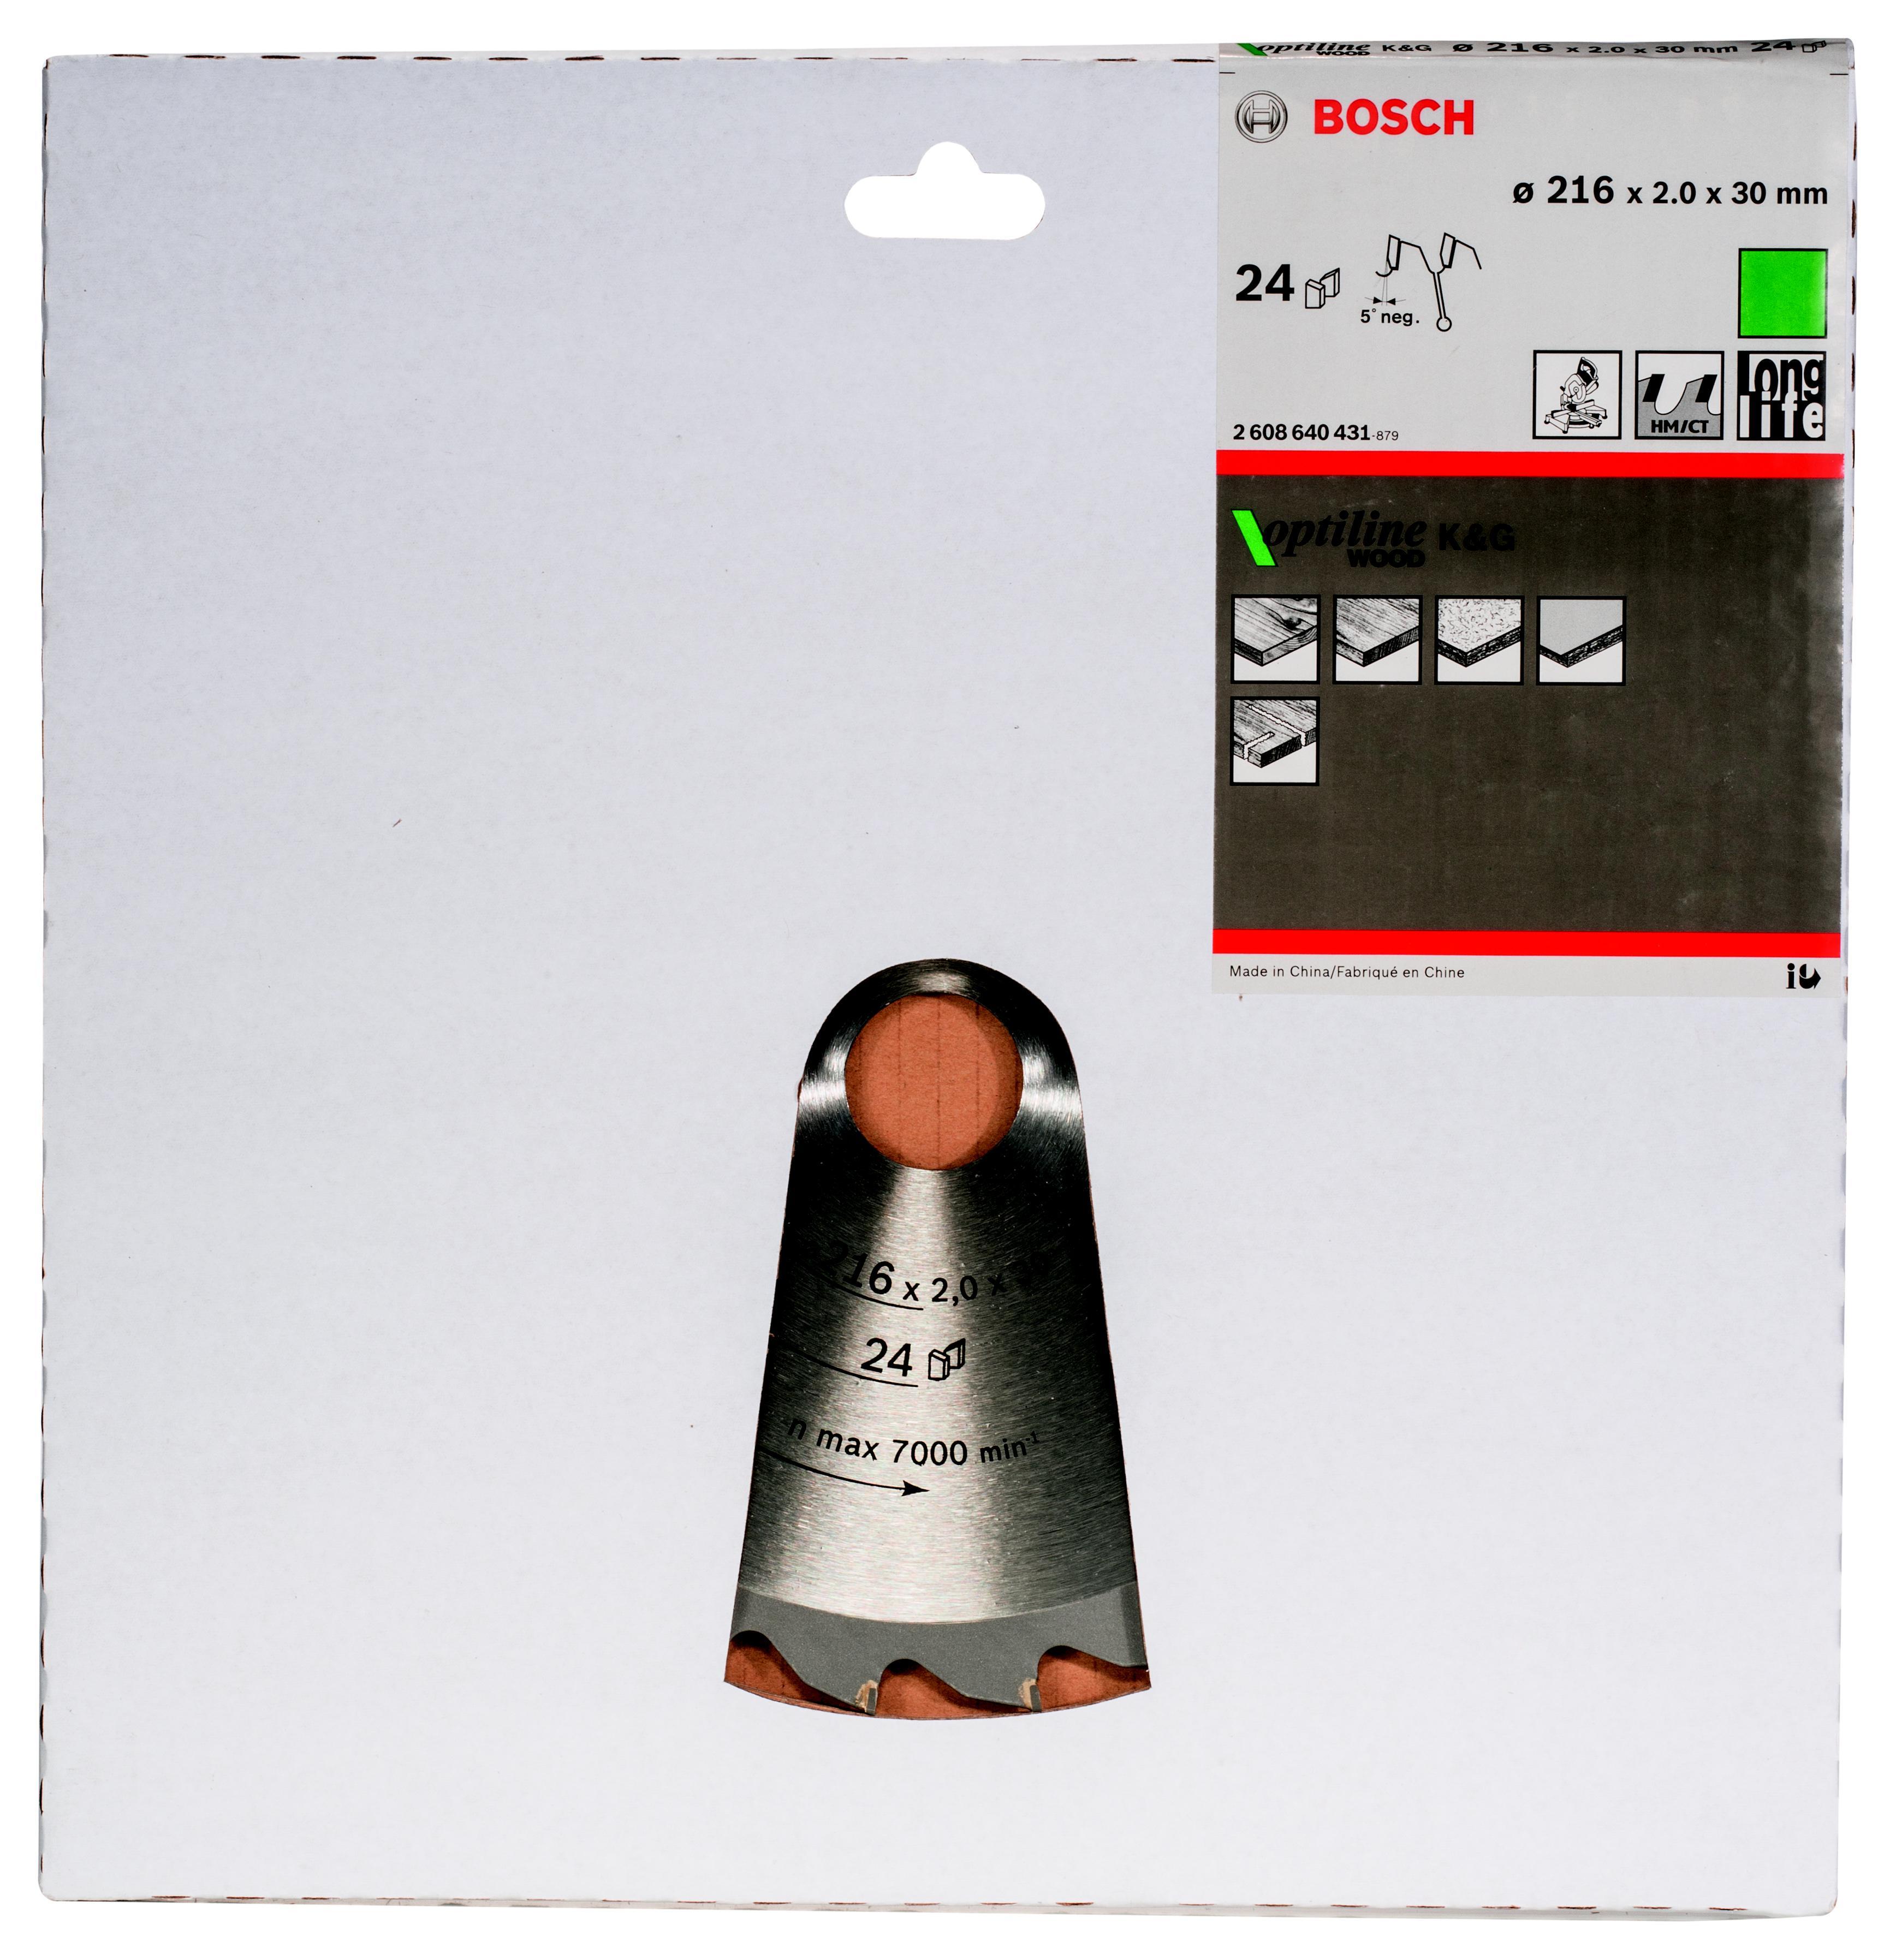 Диск пильный твердосплавный Bosch Optiline wood 216x24x30 (2.608.640.431) диск пильный bosch 190х20мм 36зубьев optiline wood 2 608 640 613